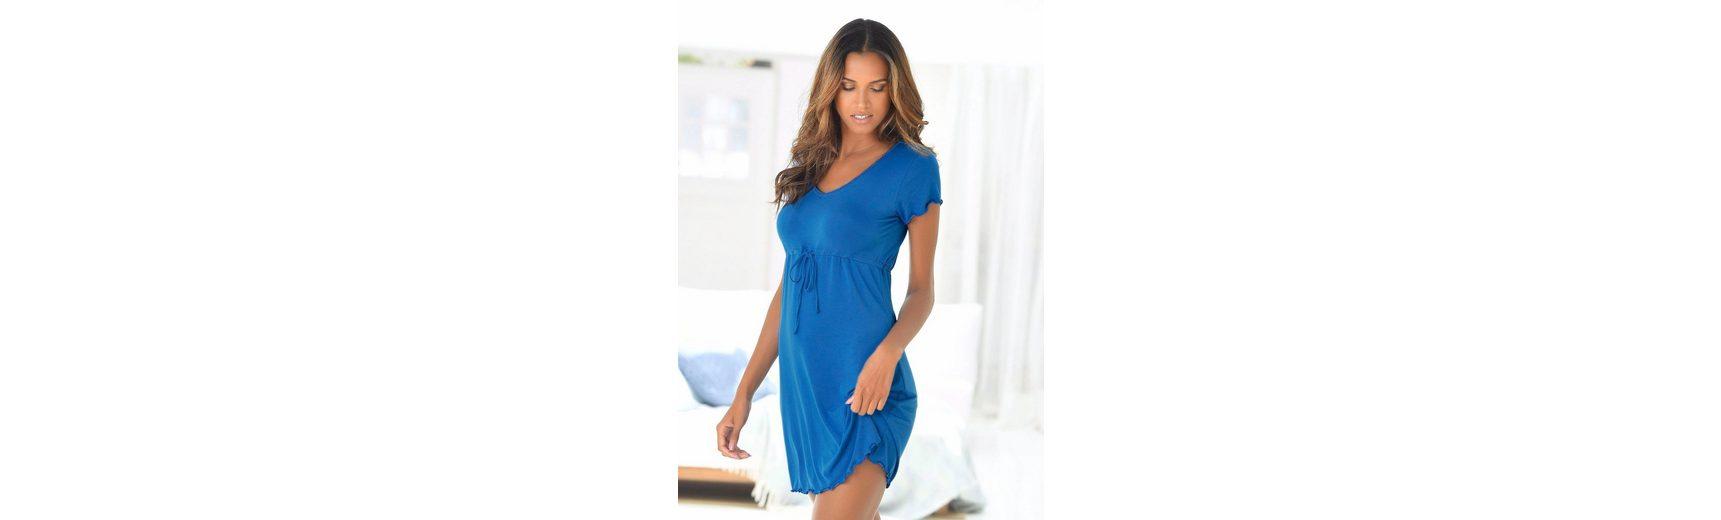 LASCANA Nachthemd mit Taillenband und Kräuselsäumen Billig Kaufen Bester Großhandelsverkauf Online Billig 2018 Neu Verkauf Geschäft eXwhCL